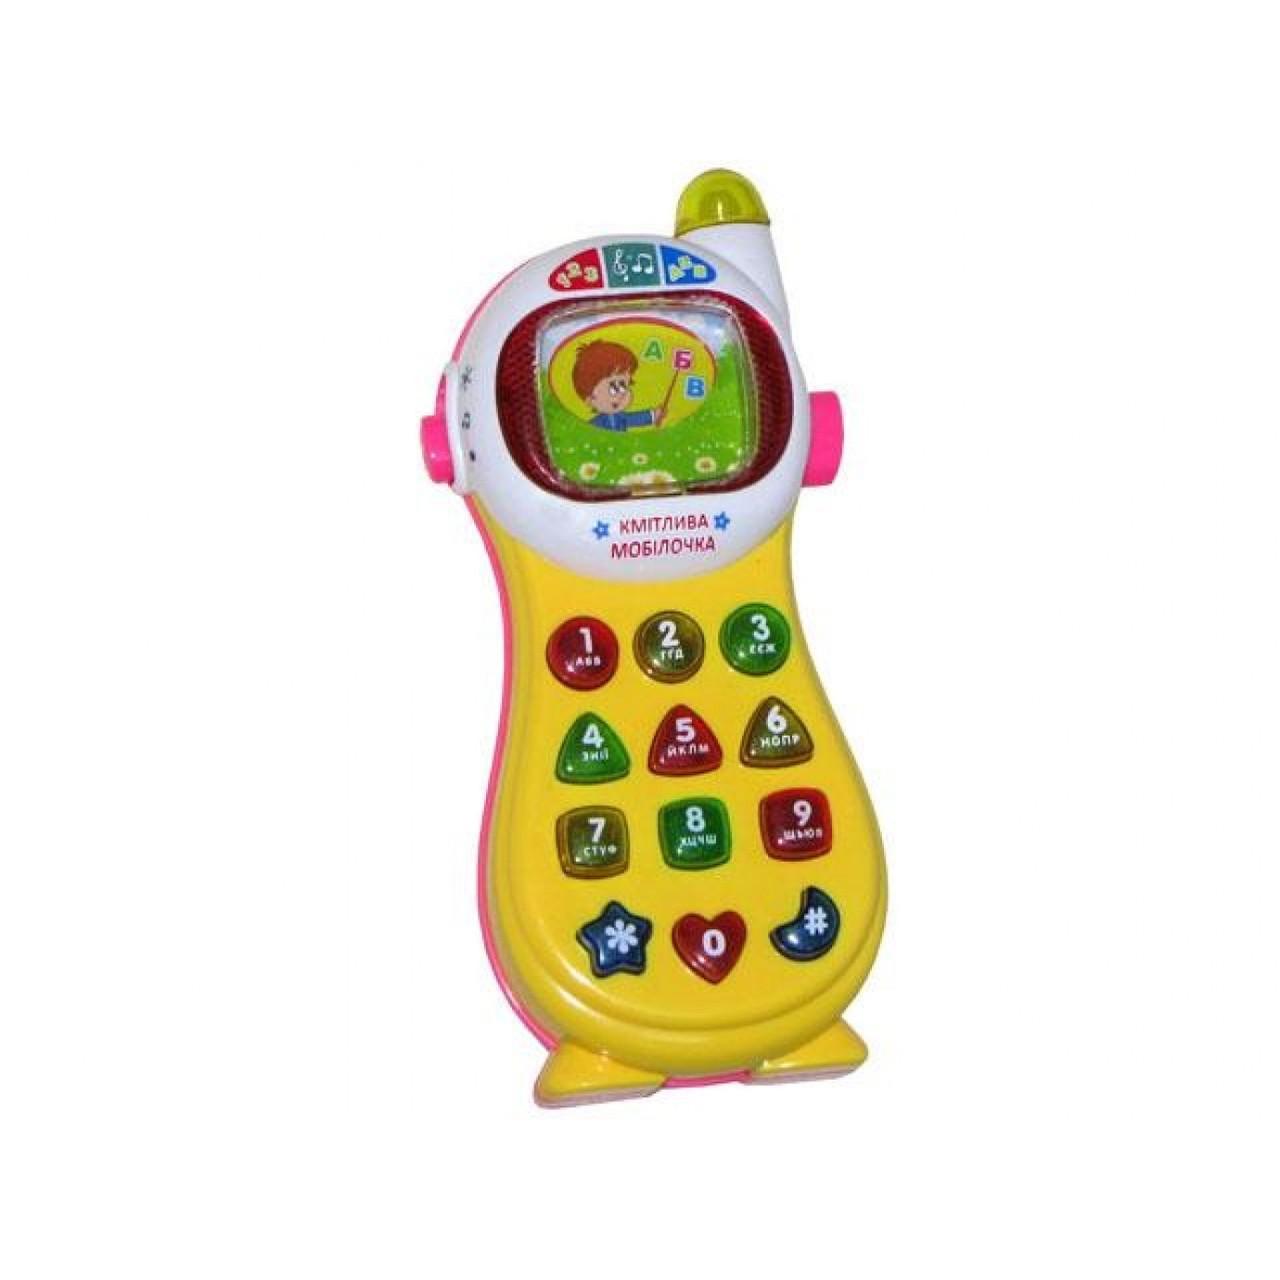 Телефон музикальний на батарейках. Розумний телефон JT0103UK 7 функцій, звук (українською) в коробці 29х13х5см